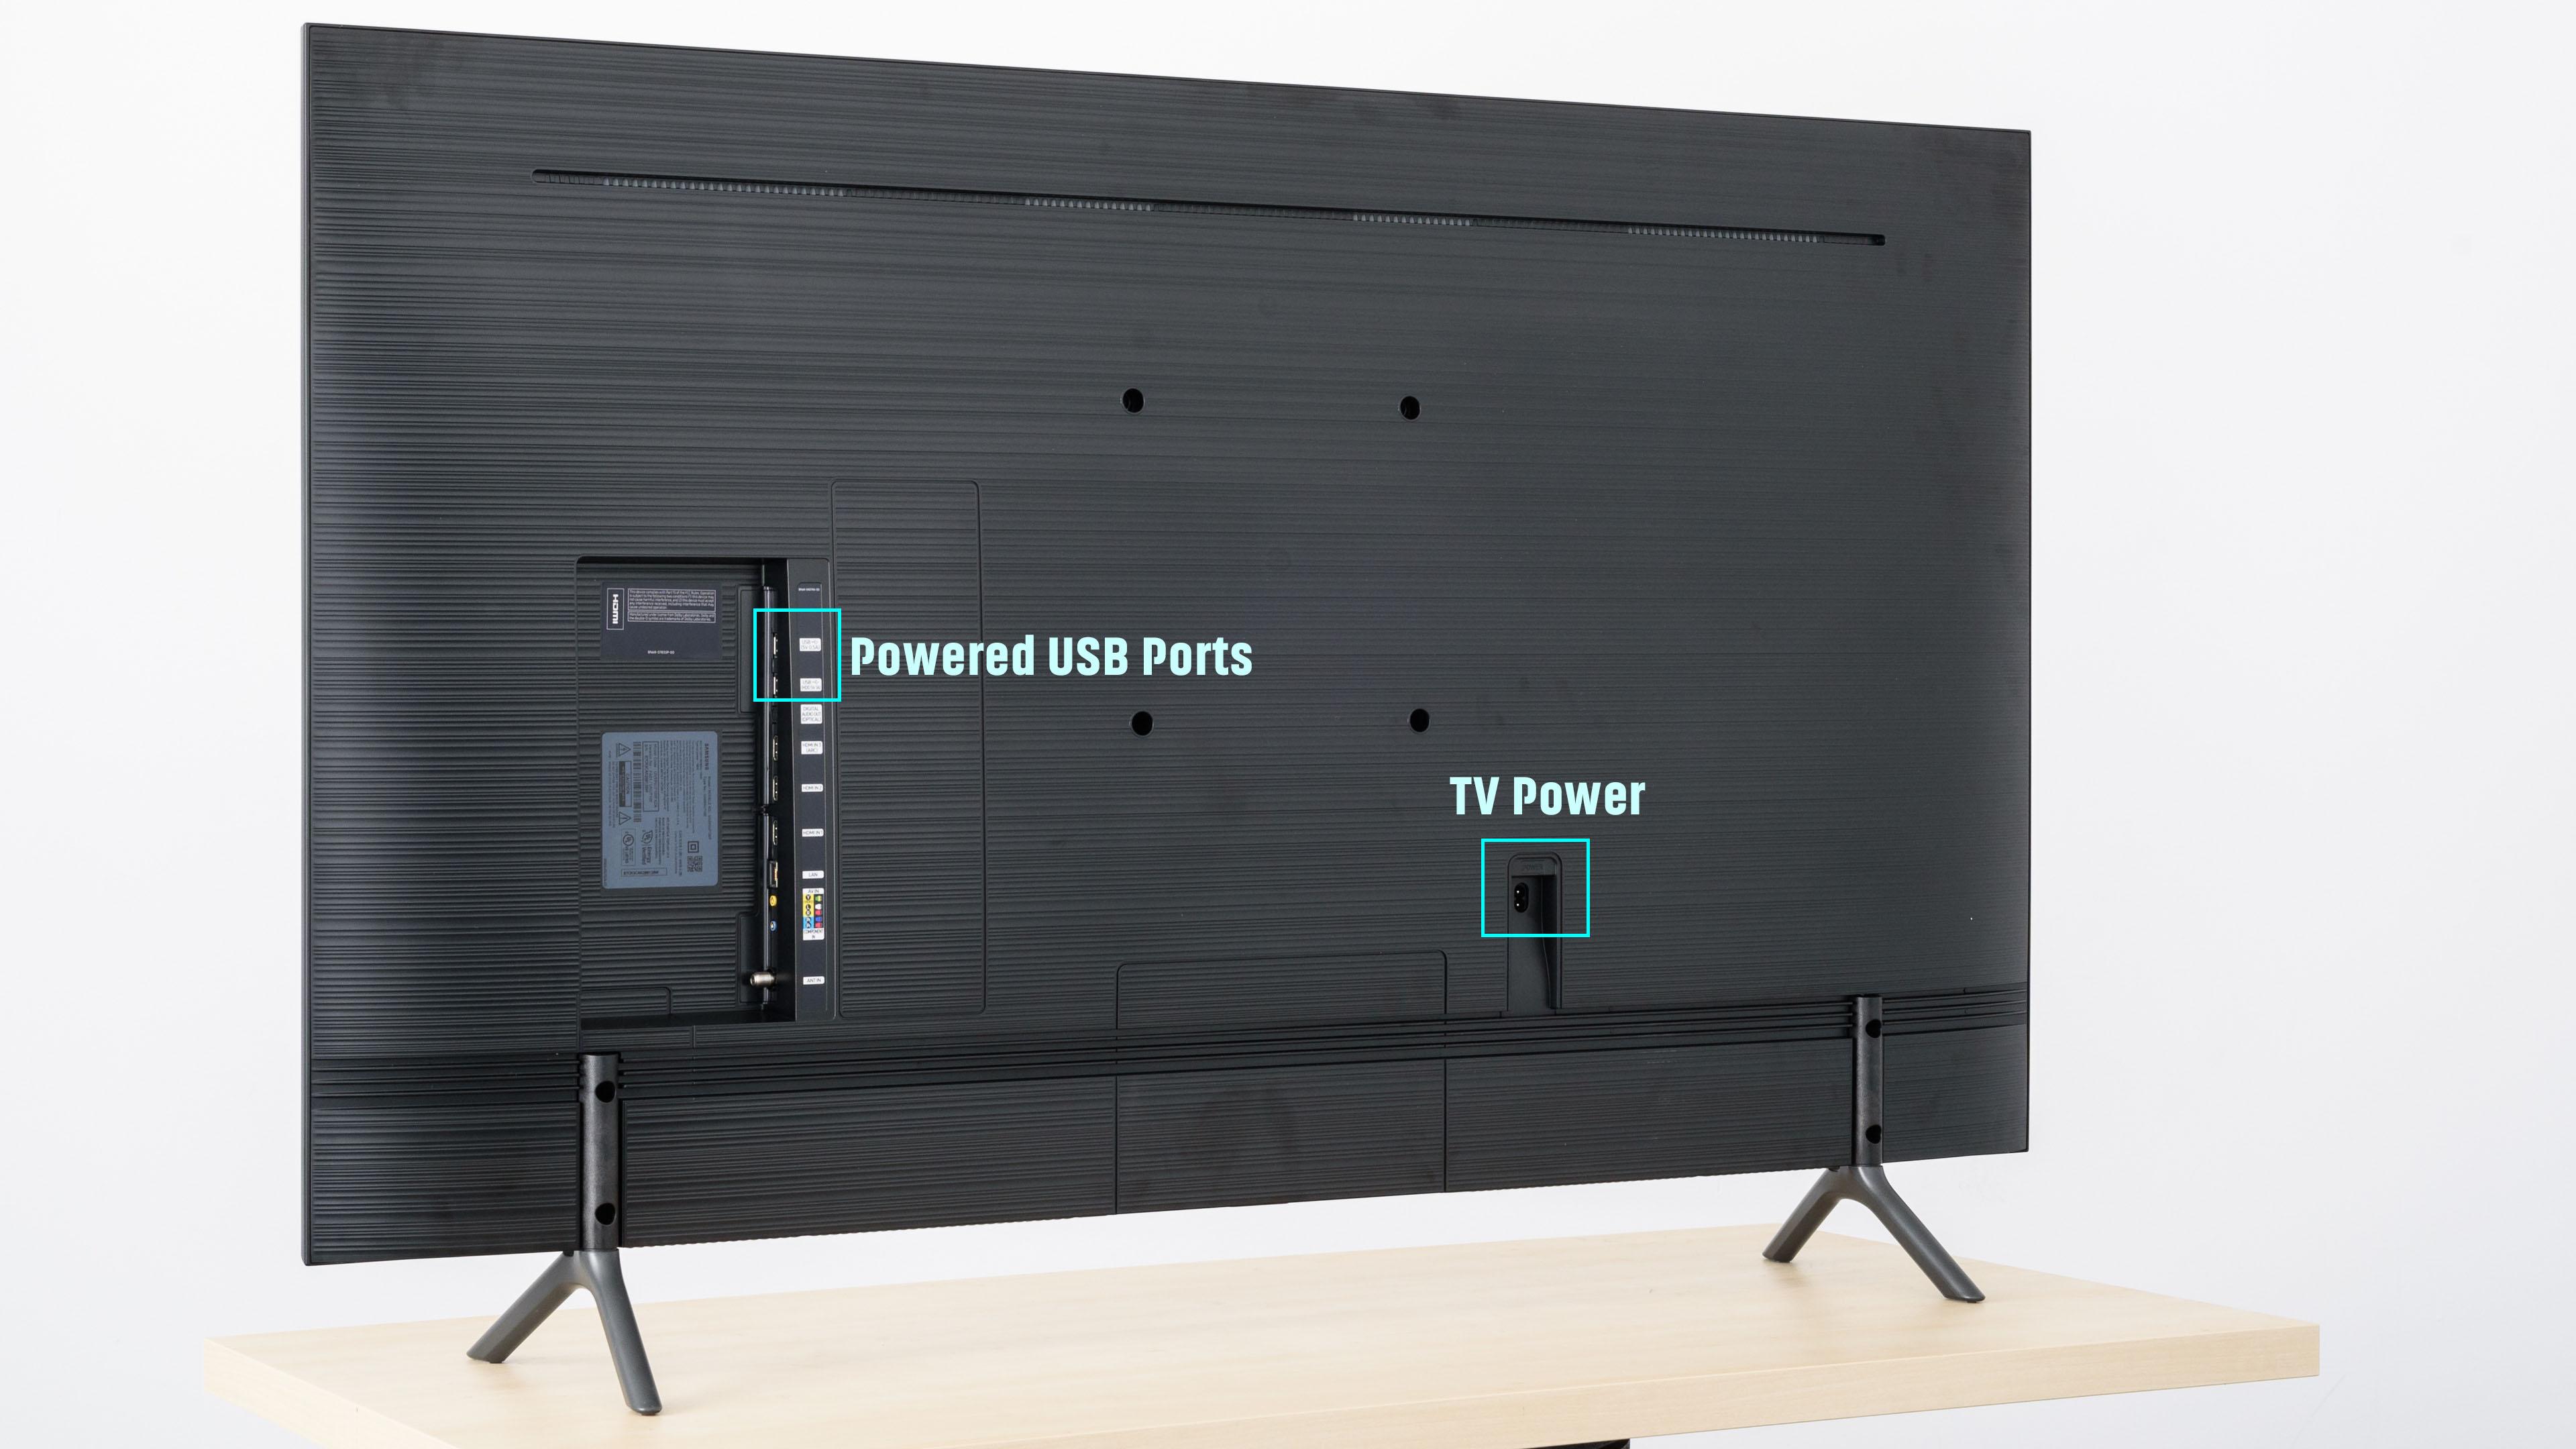 nu7100 back of tv